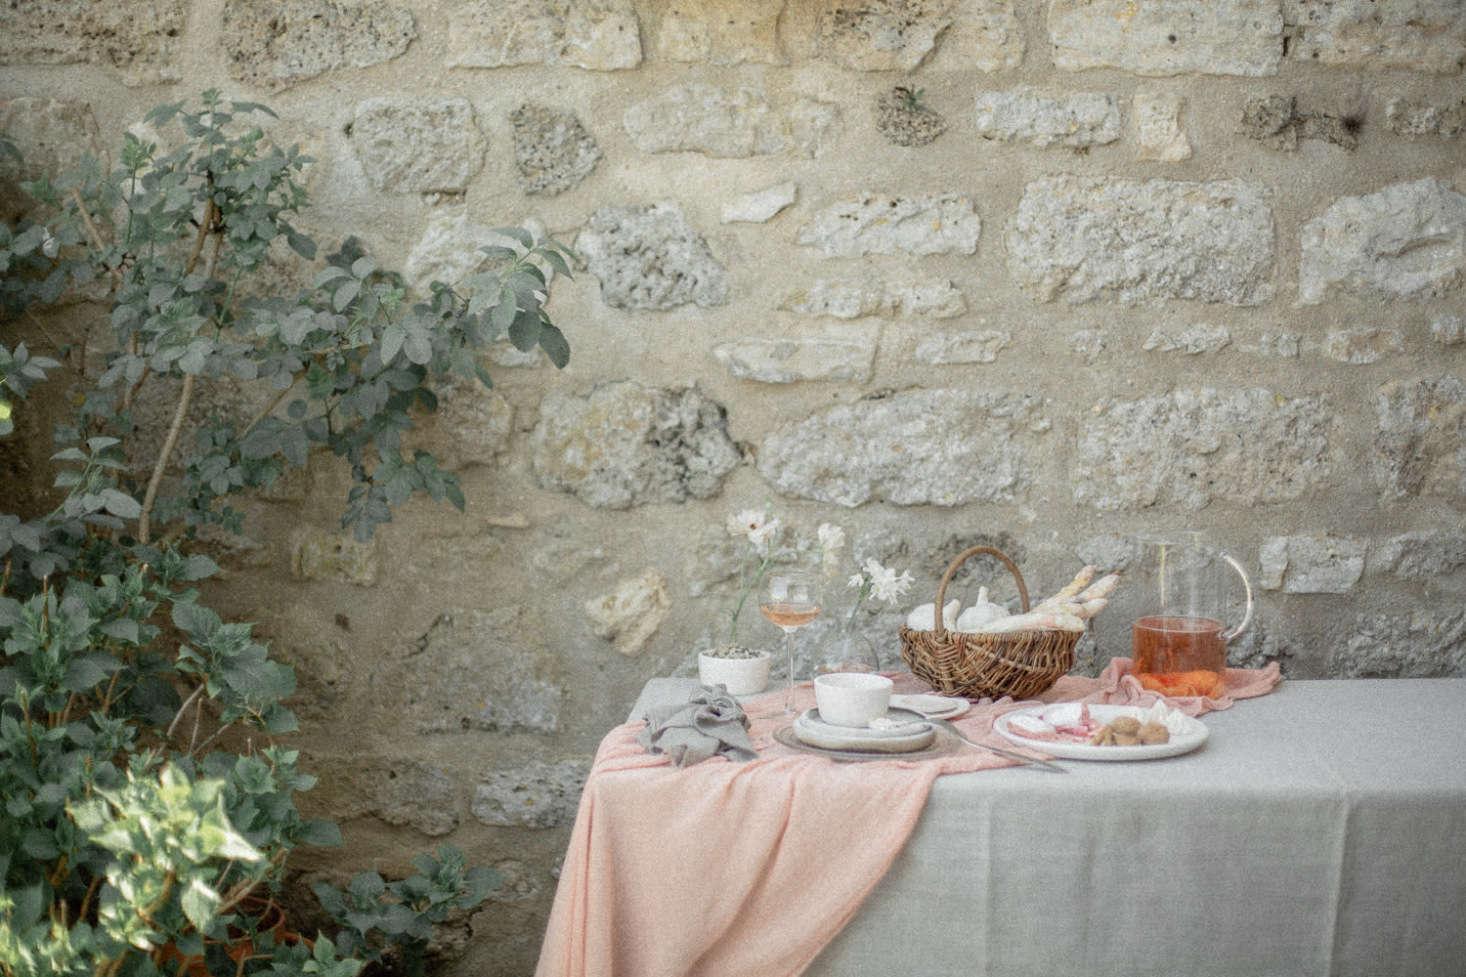 在意大利的一间意大利餐厅,一间酒吧,一片白酒,一套,在一系列的白薯上,我们都是个非常好的选择。